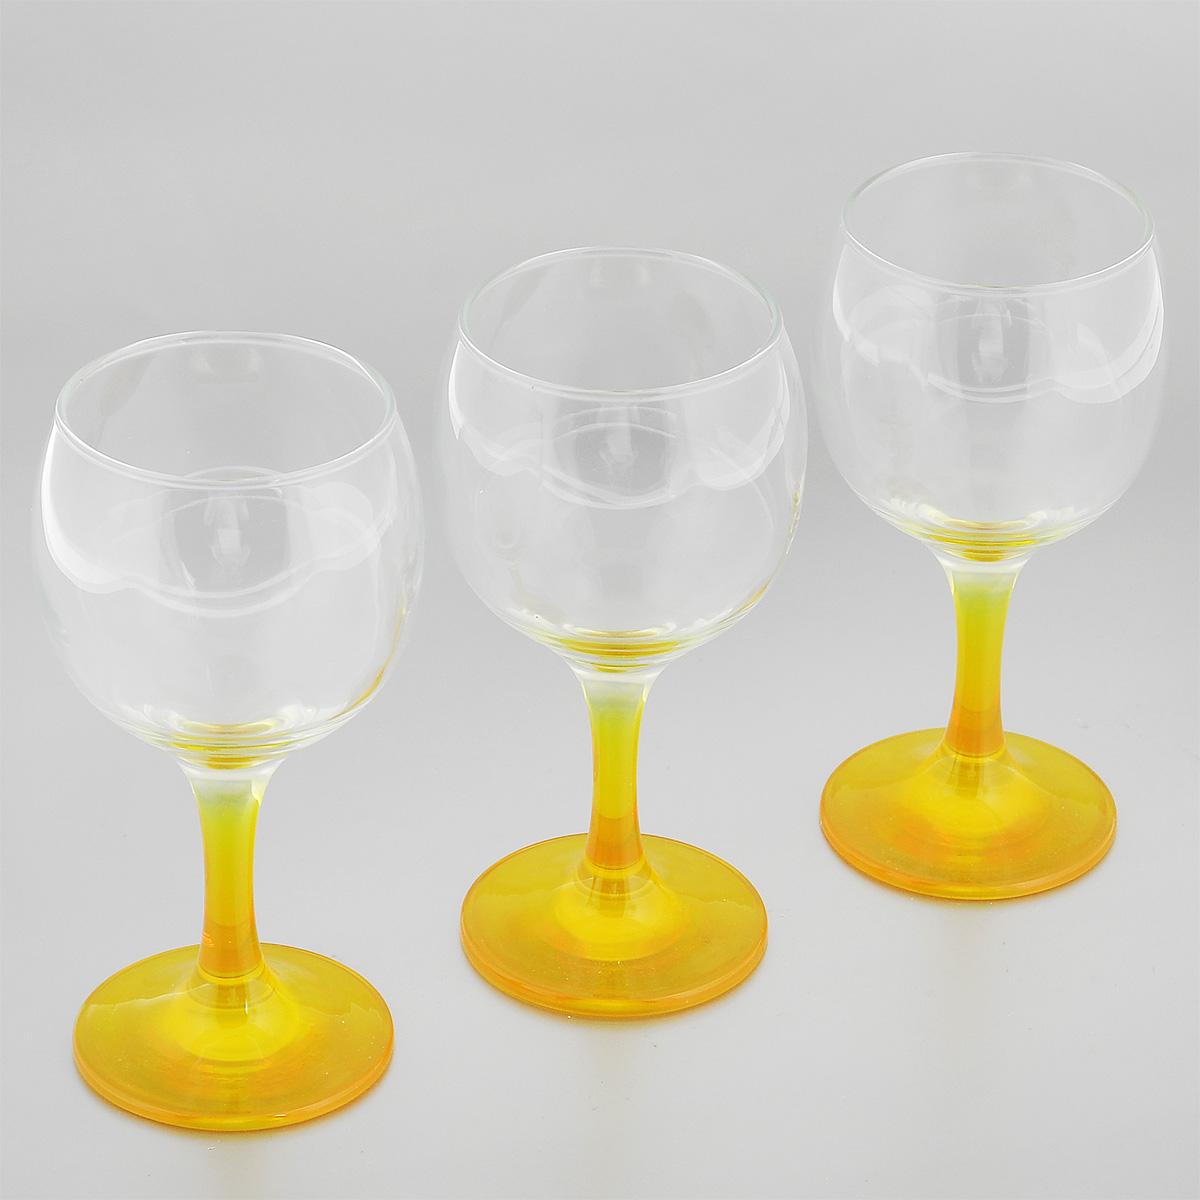 Набор фужеров Glass4you, цвет: желтый, 220 мл, 3 шт44412YНабор Glass4you состоит из трех фужеров, выполненных из прочного натрий-кальций-силикатного стекла. Изделия имеют тонкие высокие цветные ножки. Фужеры излучают приятный блеск и издают мелодичный звон. Предназначены для подачи вина. Набор фужеров Glass4you прекрасно оформит праздничный стол и станет хорошим подарком к любому случаю. Можно мыть в посудомоечной машине. Диаметр фужера (по верхнему краю): 6,6 см. Высота фужера: 14,5 см. Диаметр основания: 6,4 см.